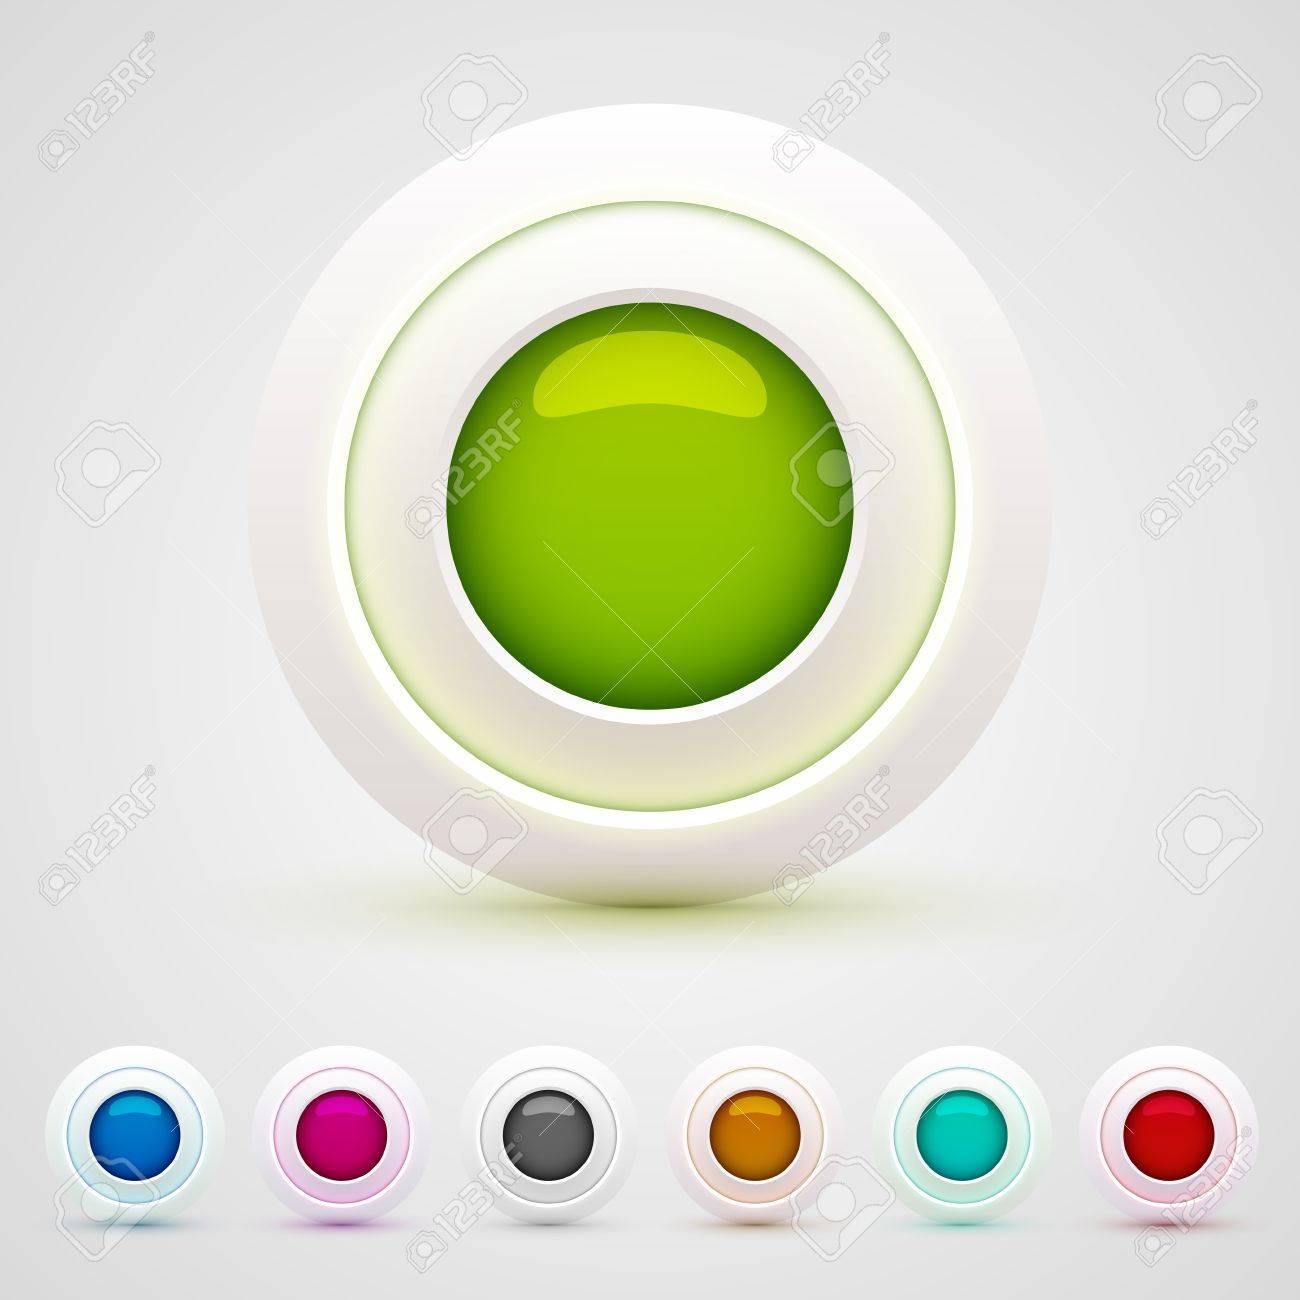 3d web buttons set Stock Vector - 16535878